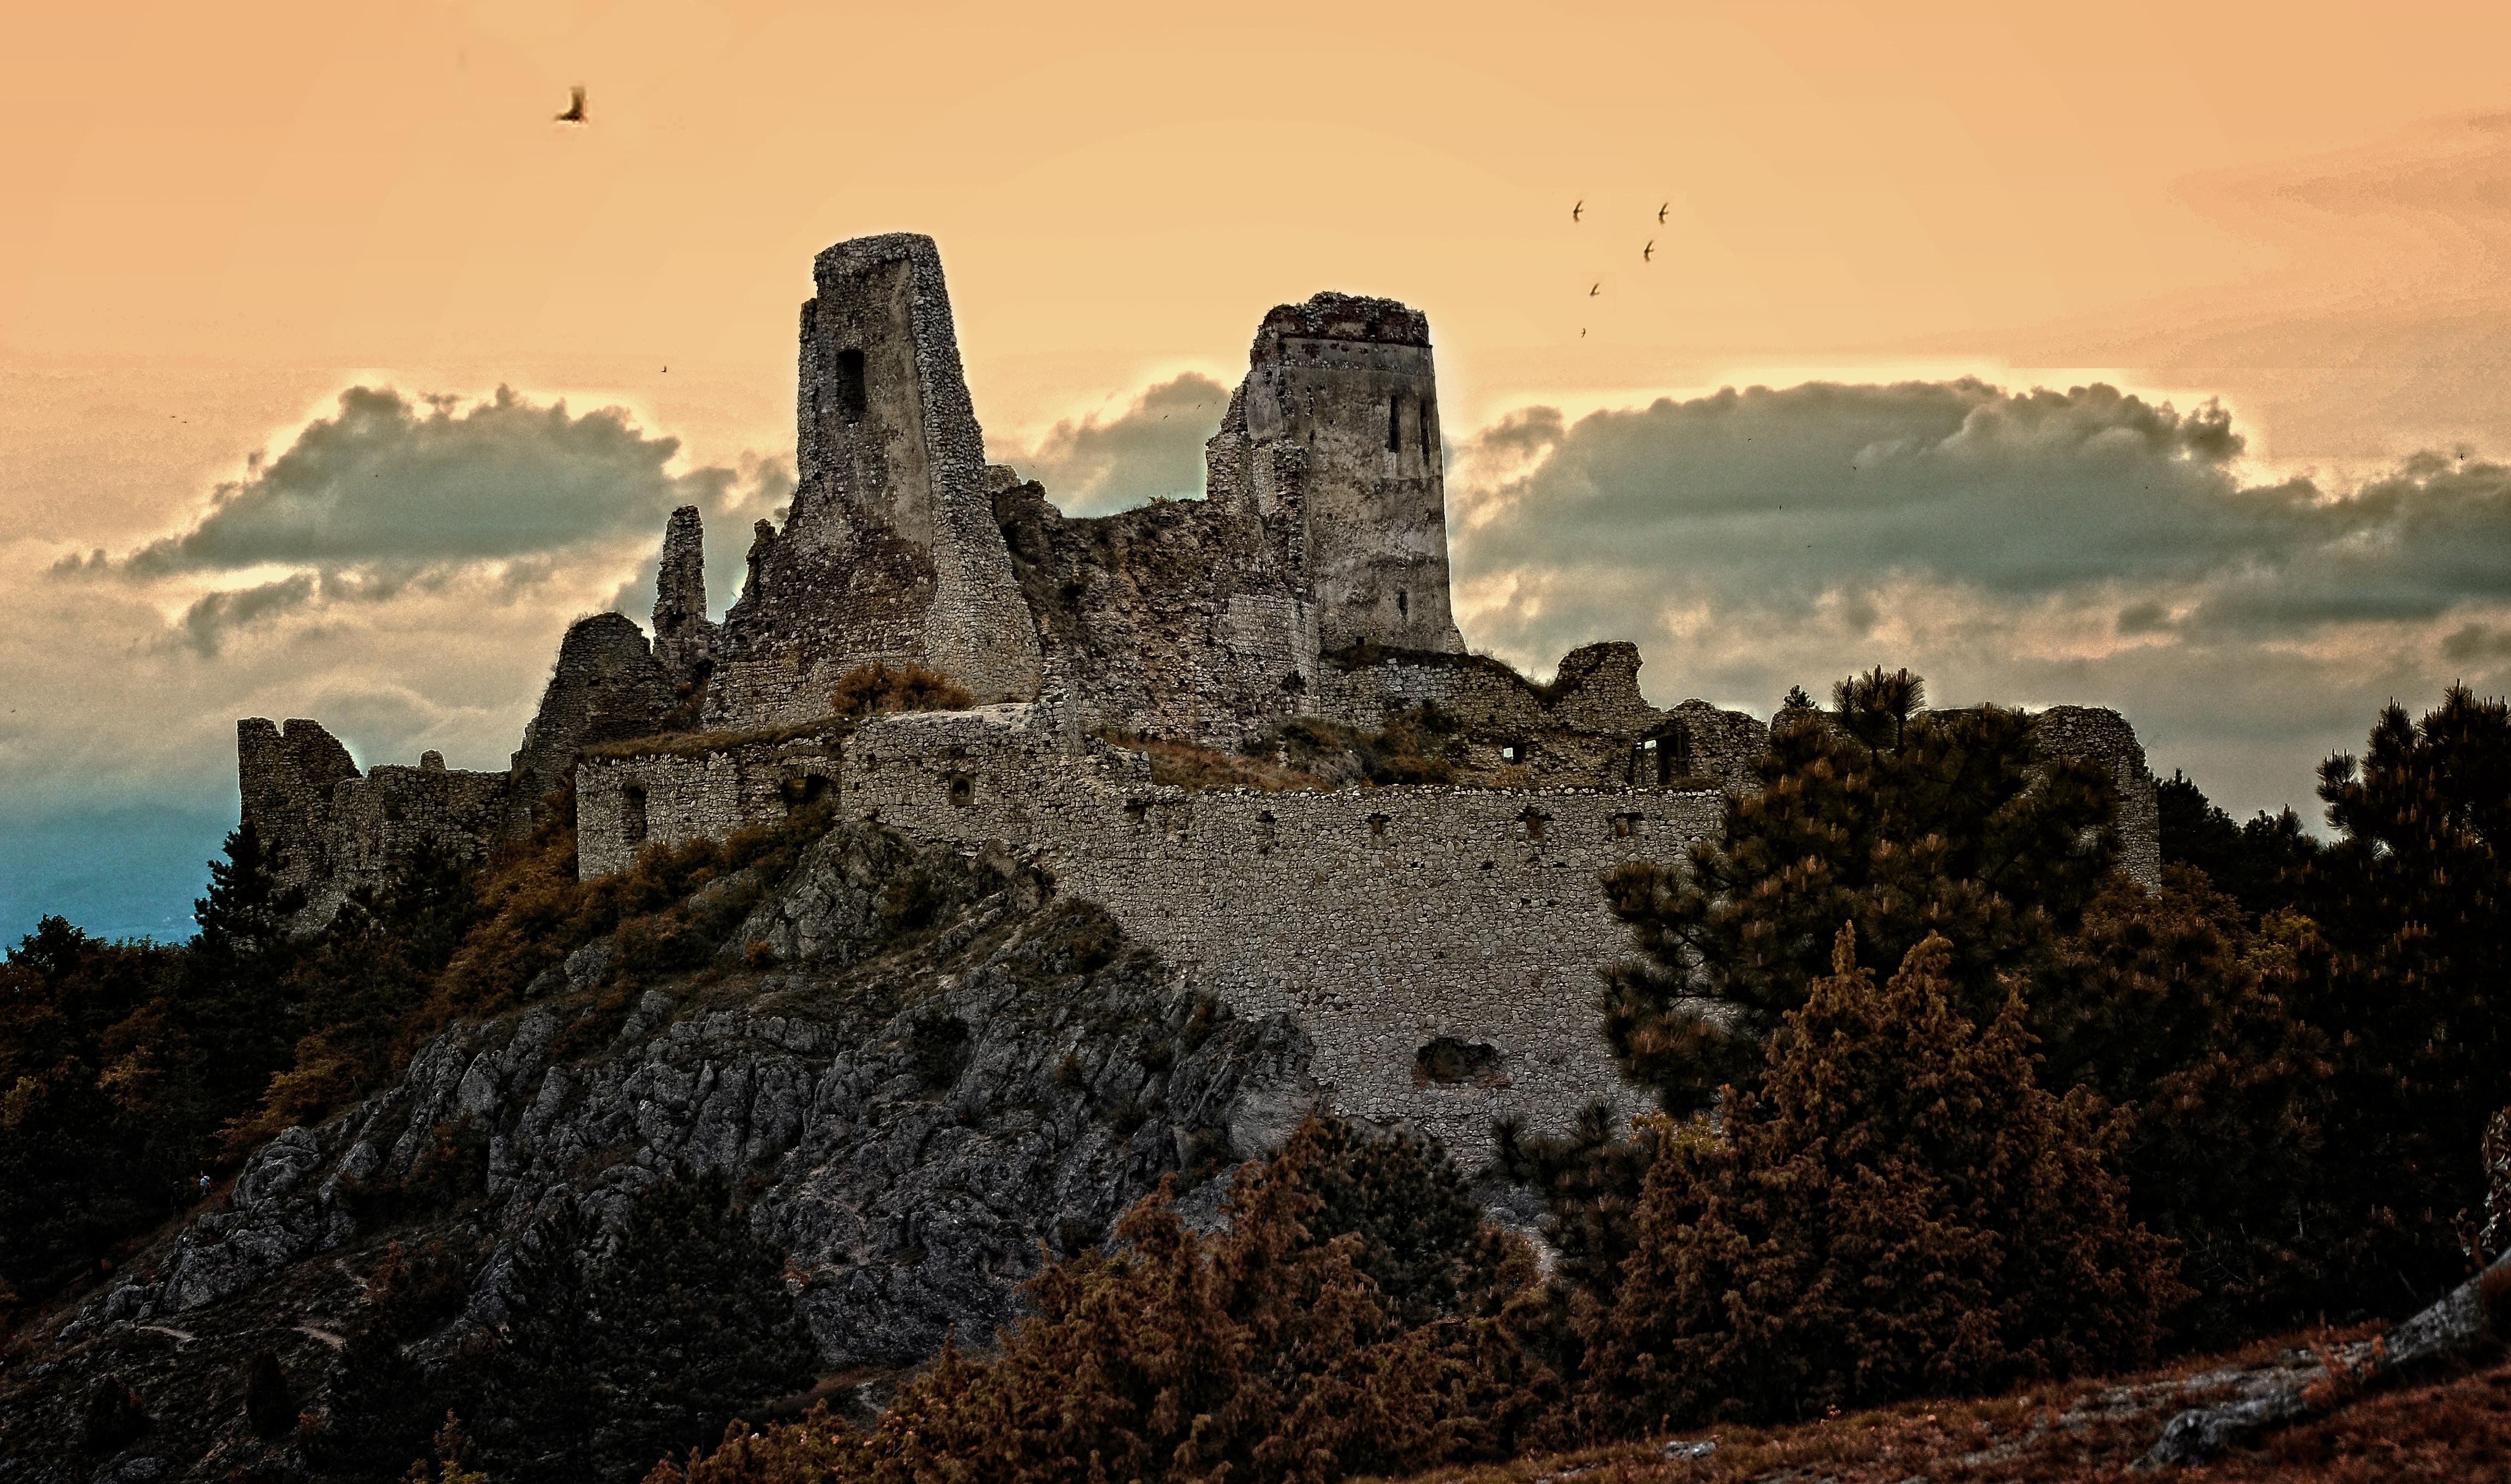 Come arrivare al castello di Cachtice, Slovacchia